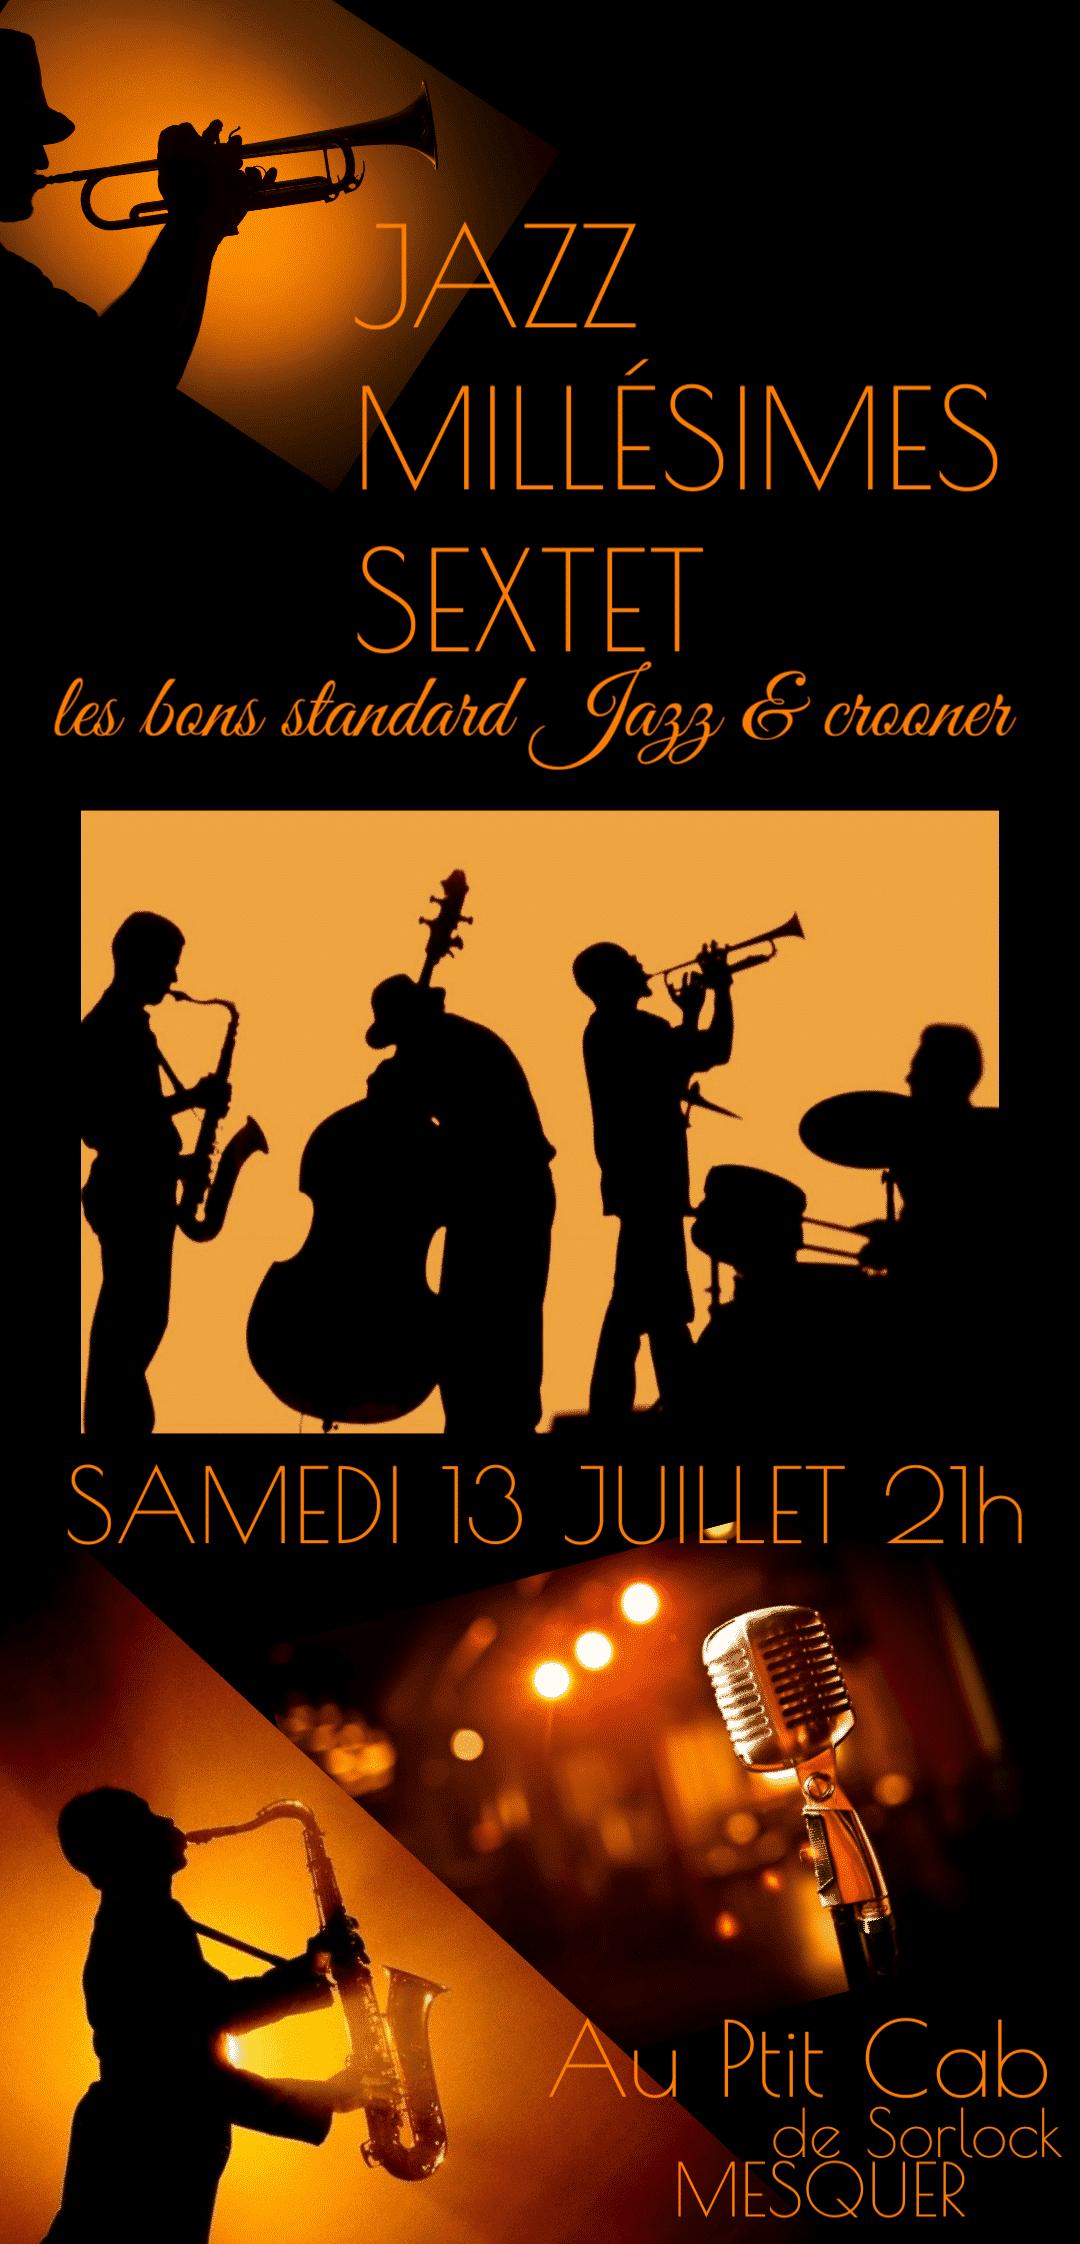 Concert Jazz Millésimes Sextet le 18 juillet à partir de 20:00